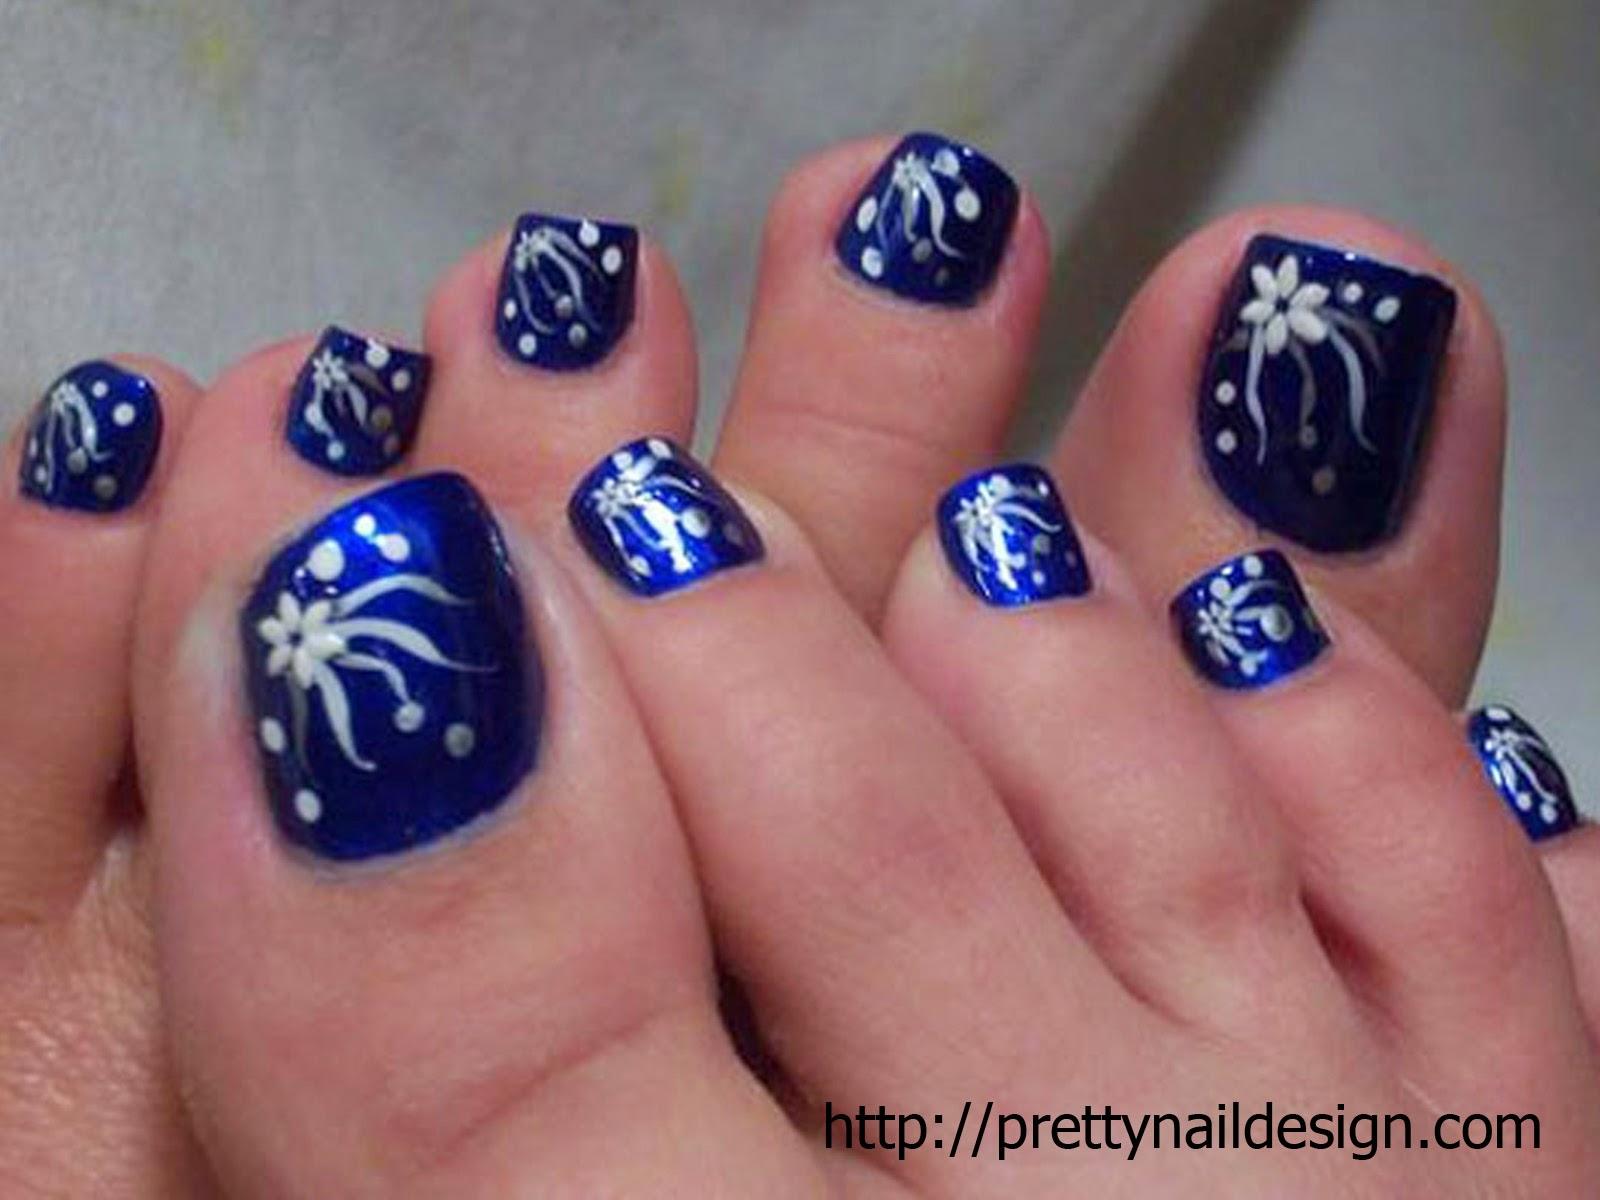 Cool Toe Nail Polish Designs